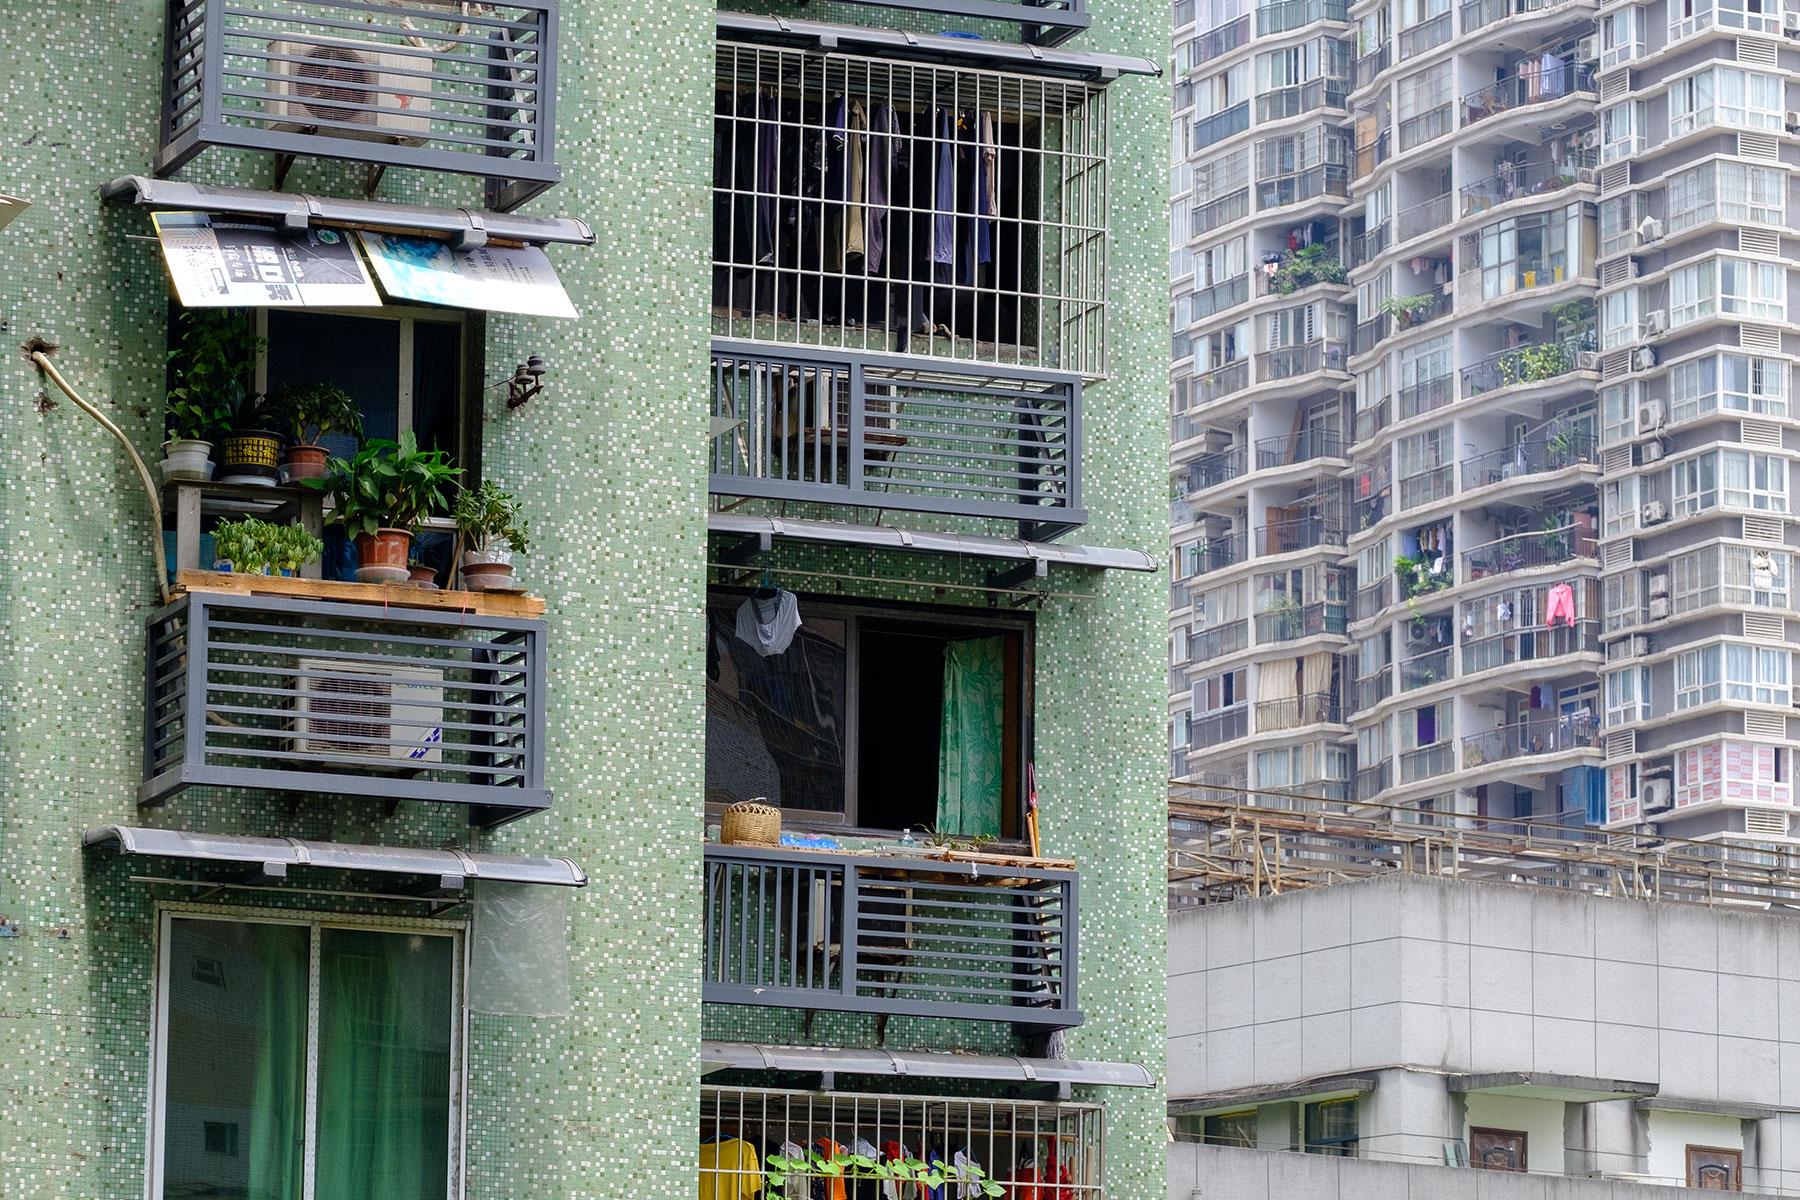 Hochhäuser mit Pflanzen in Chongqing